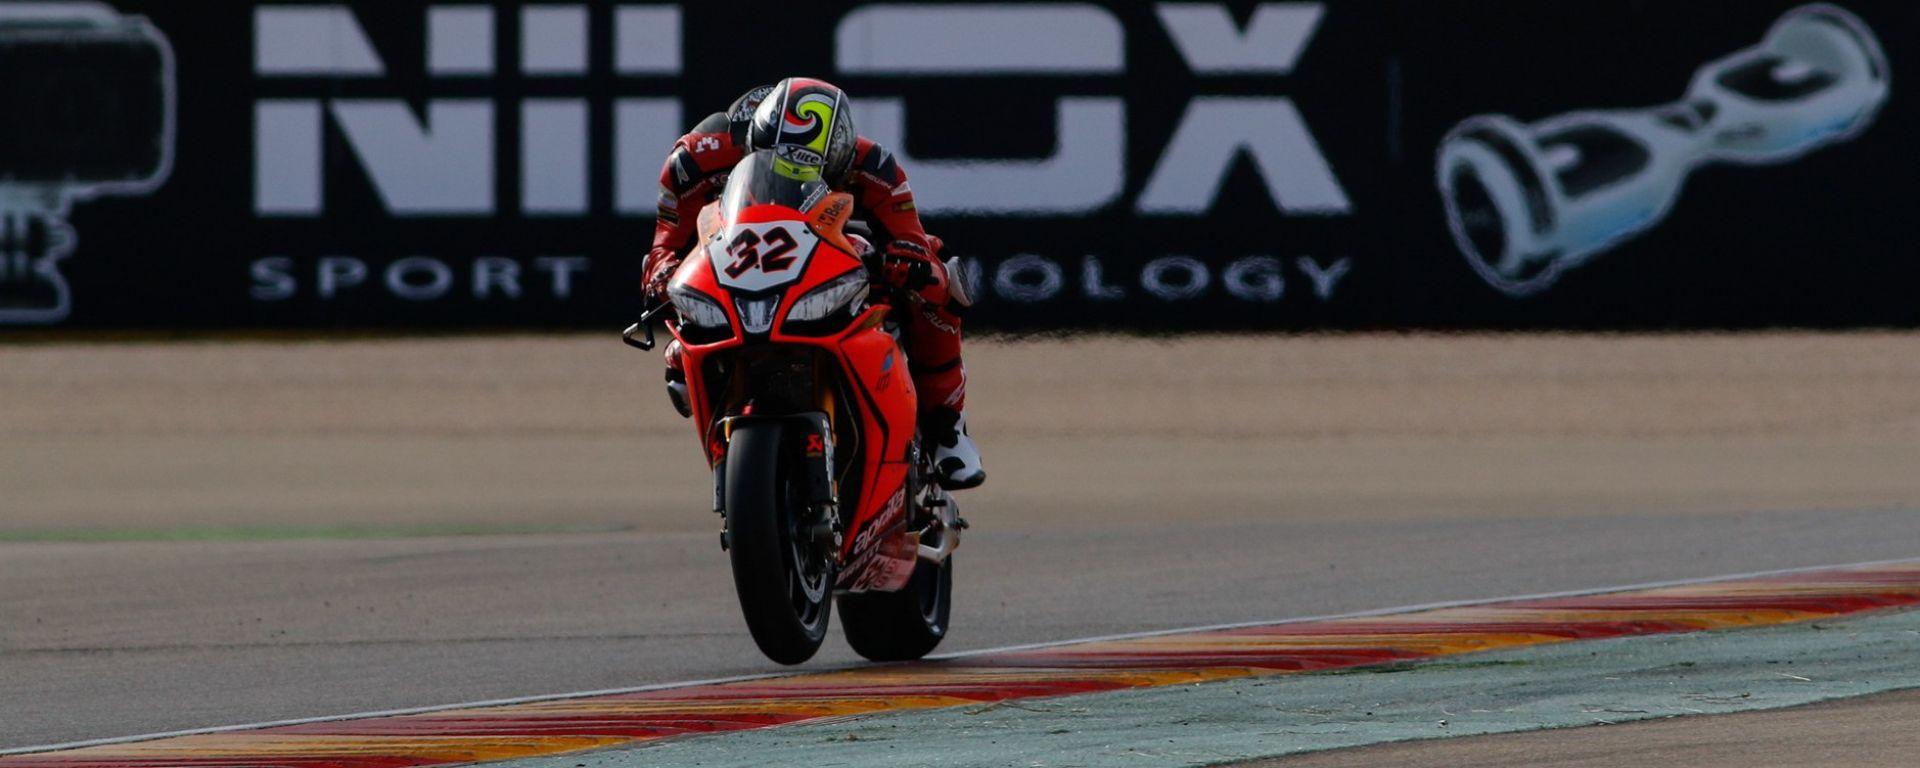 GP Aragon: sorpresa Savadori, ma è tom sykes il più veloce del venerdi